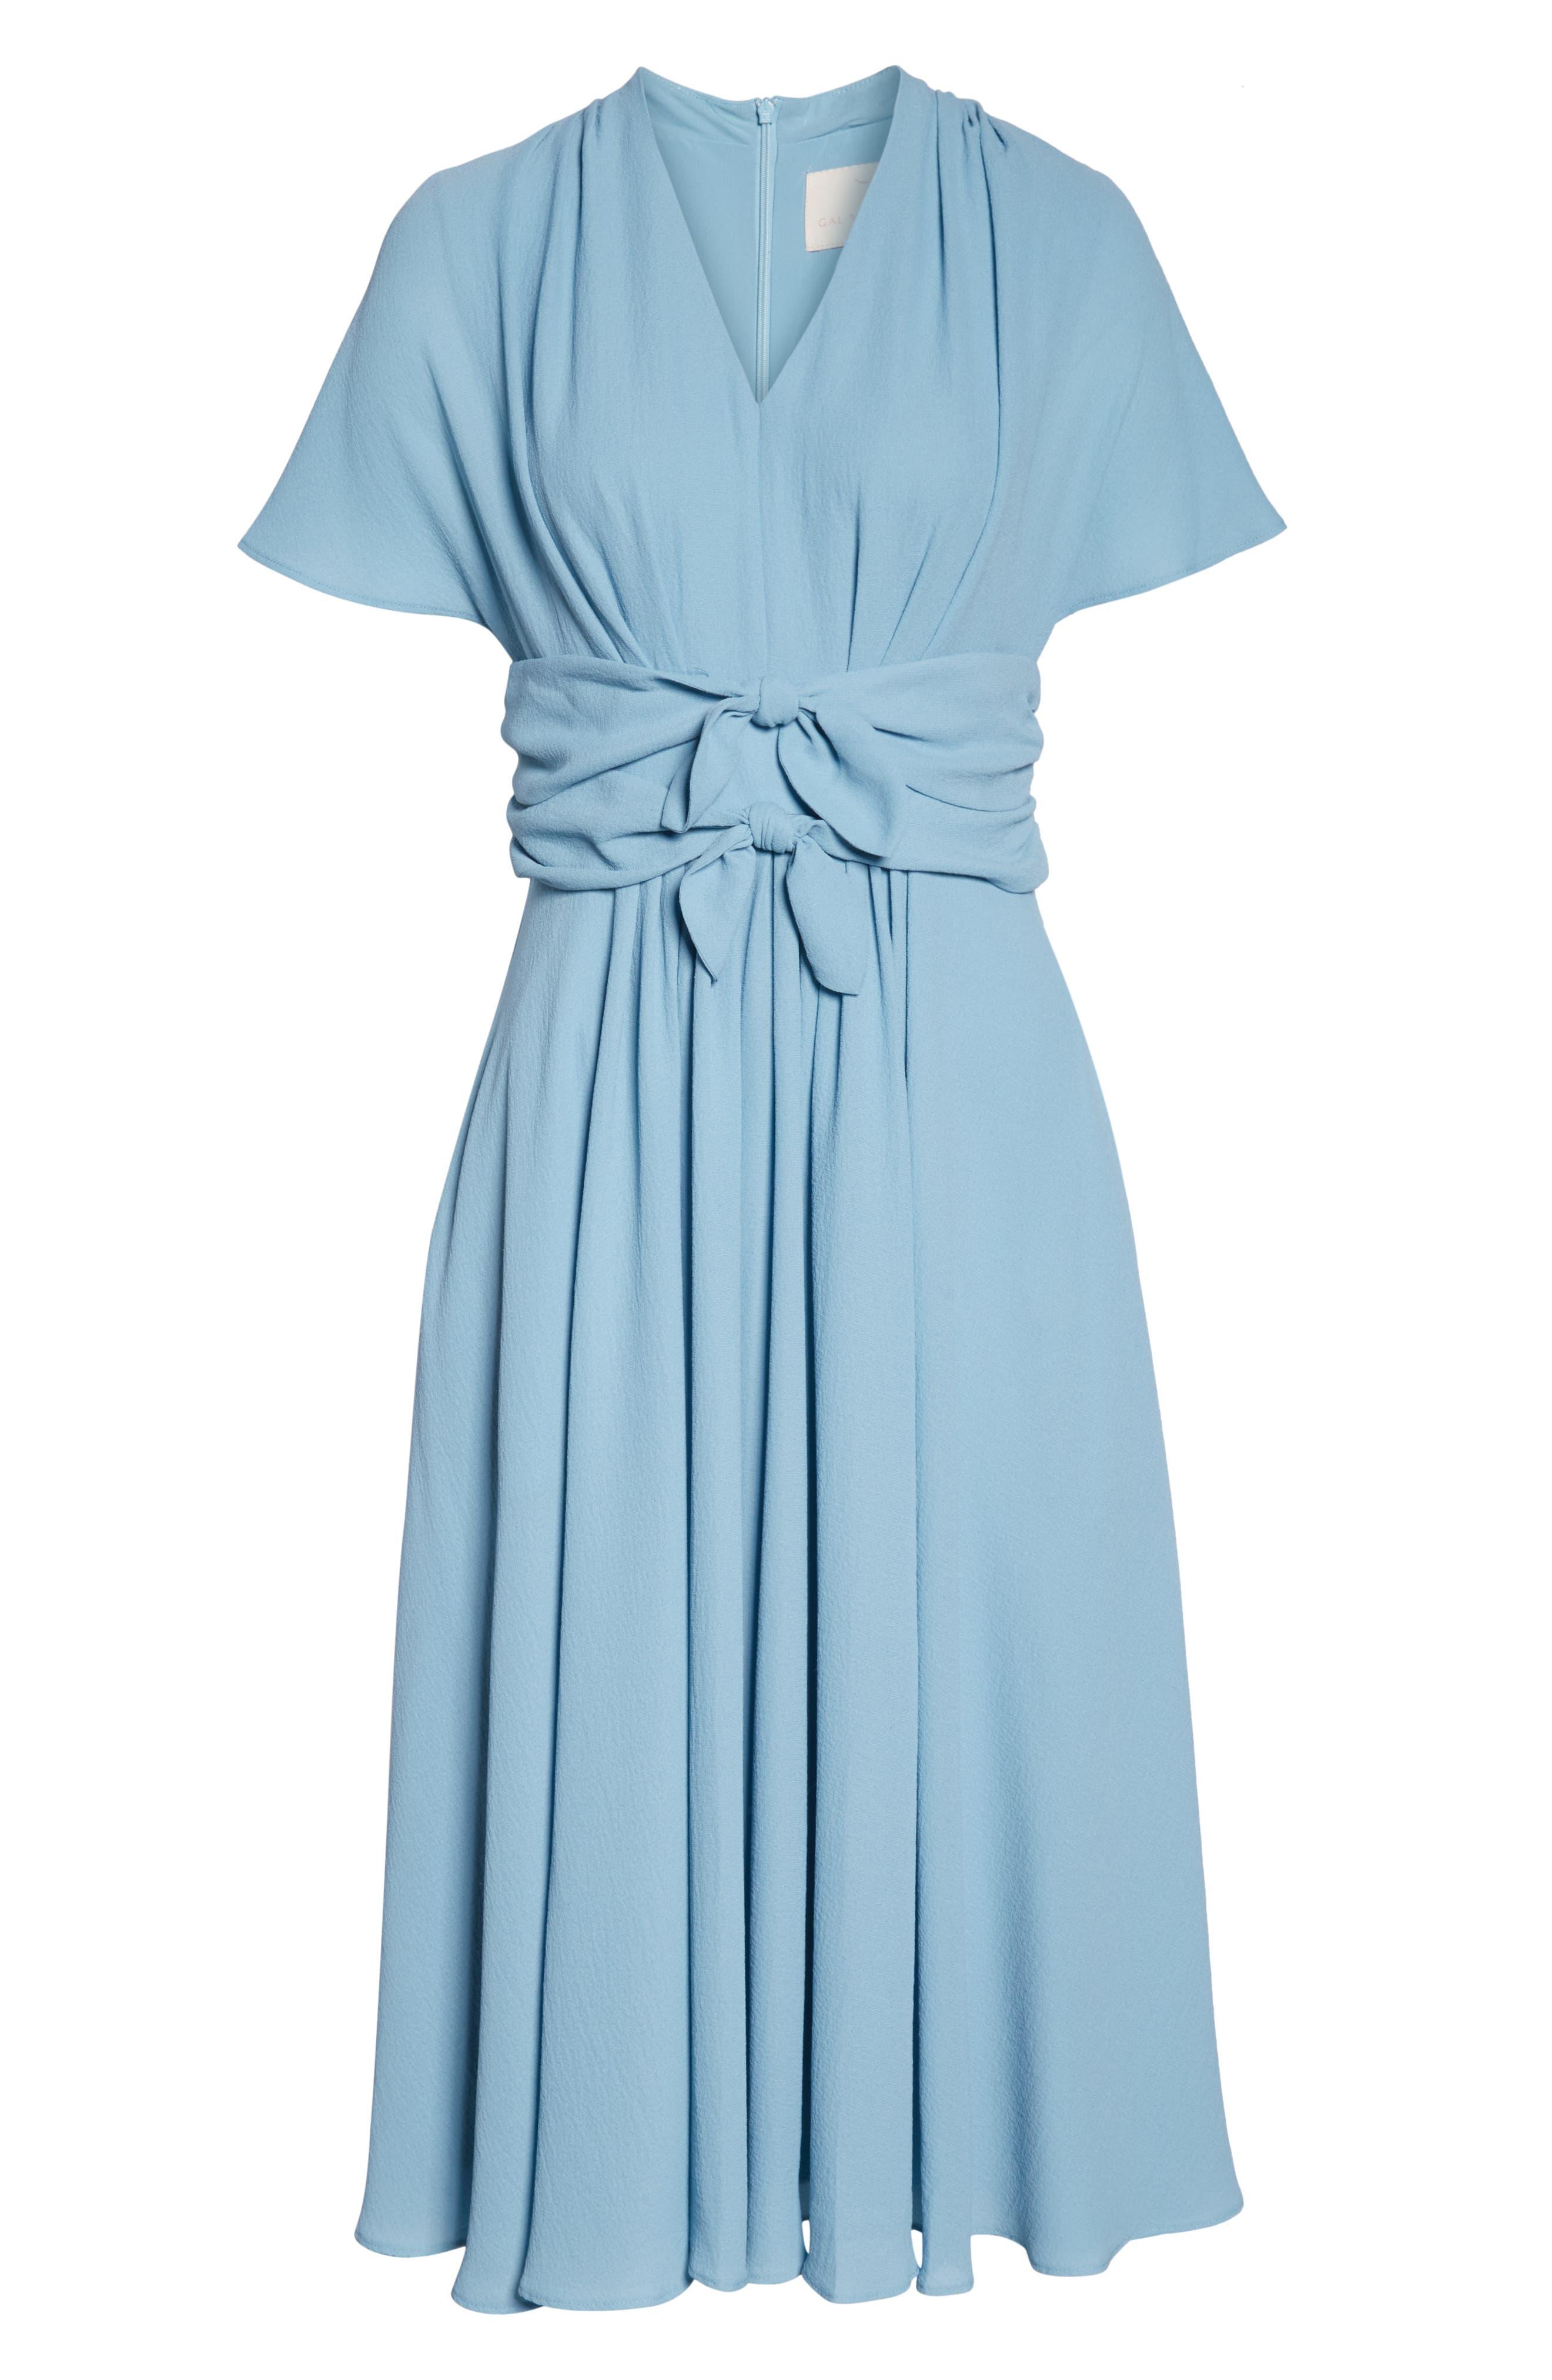 Cheap Teal Dress